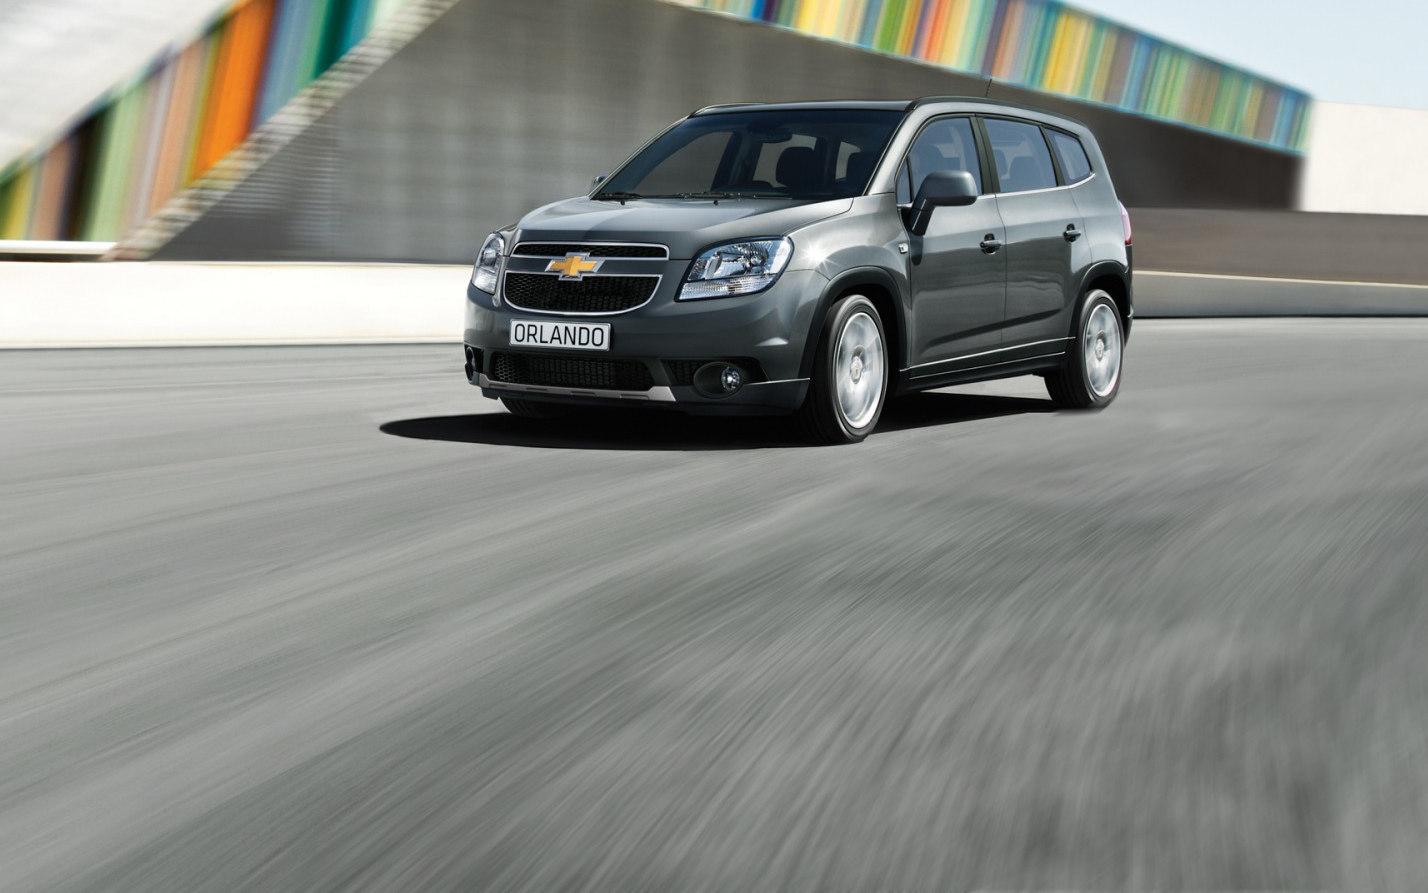 Comparison Chevrolet Orlando 2 0 Ltz 2018 Vs Hyundai Creta Crdi Vgt 2018 Suv Drive